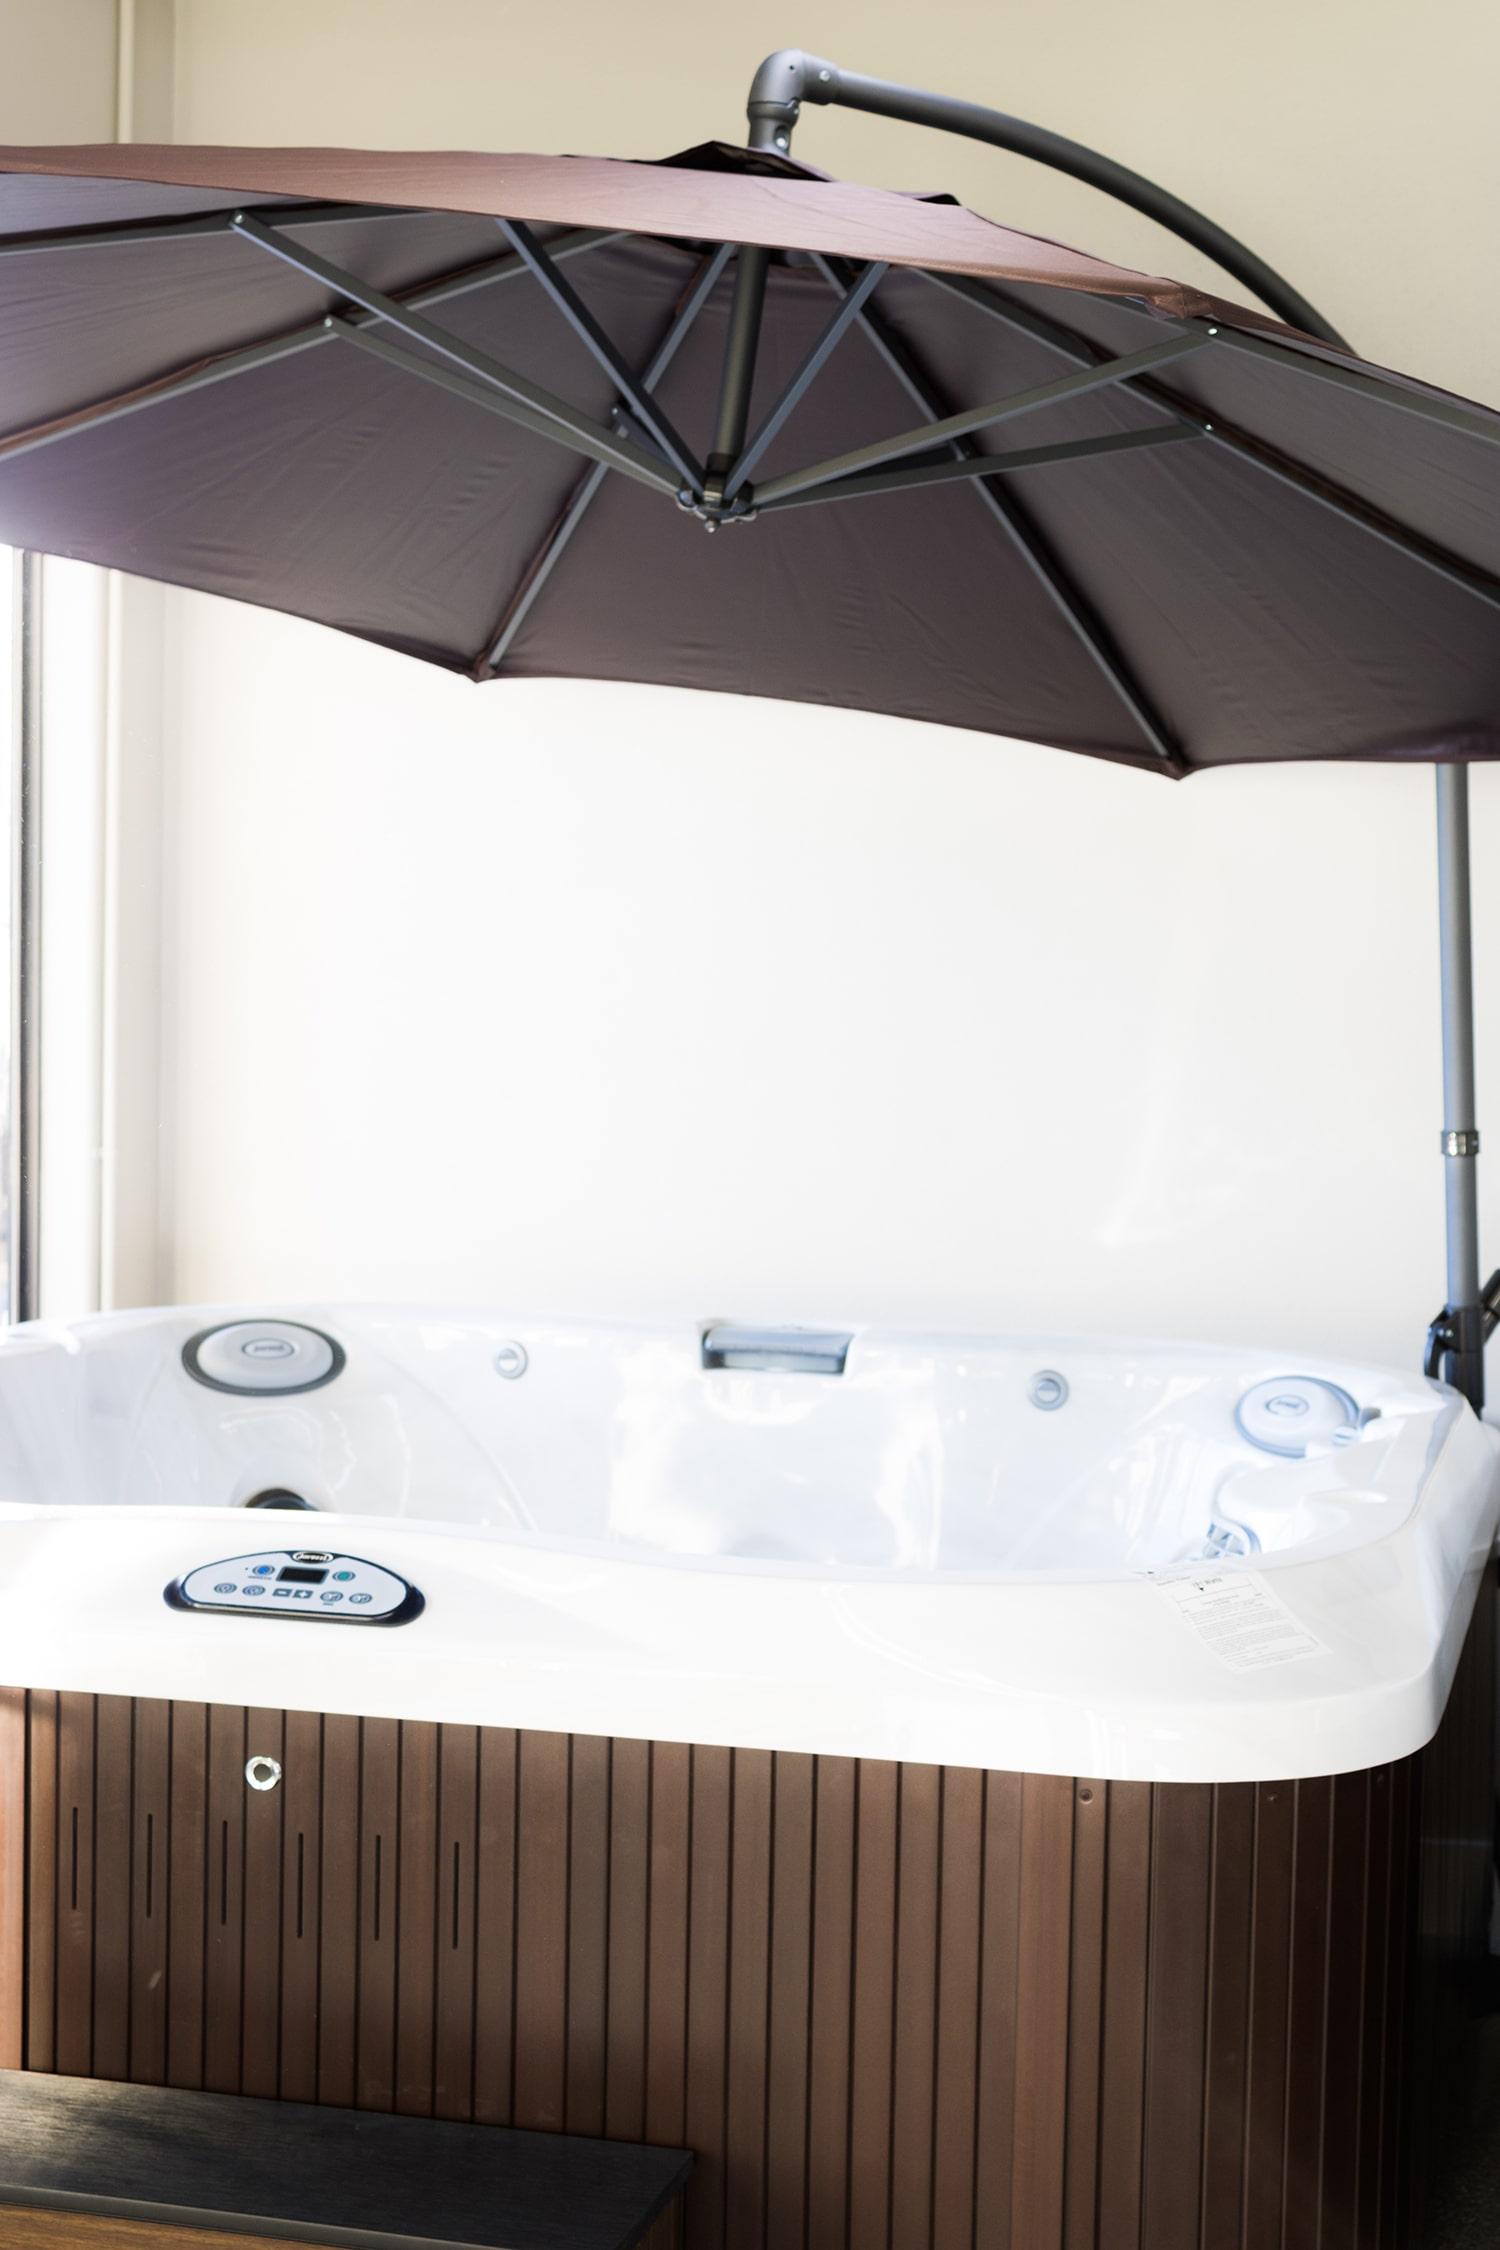 Red Rocks Spas hot tub accessories in Hurricane, Utah